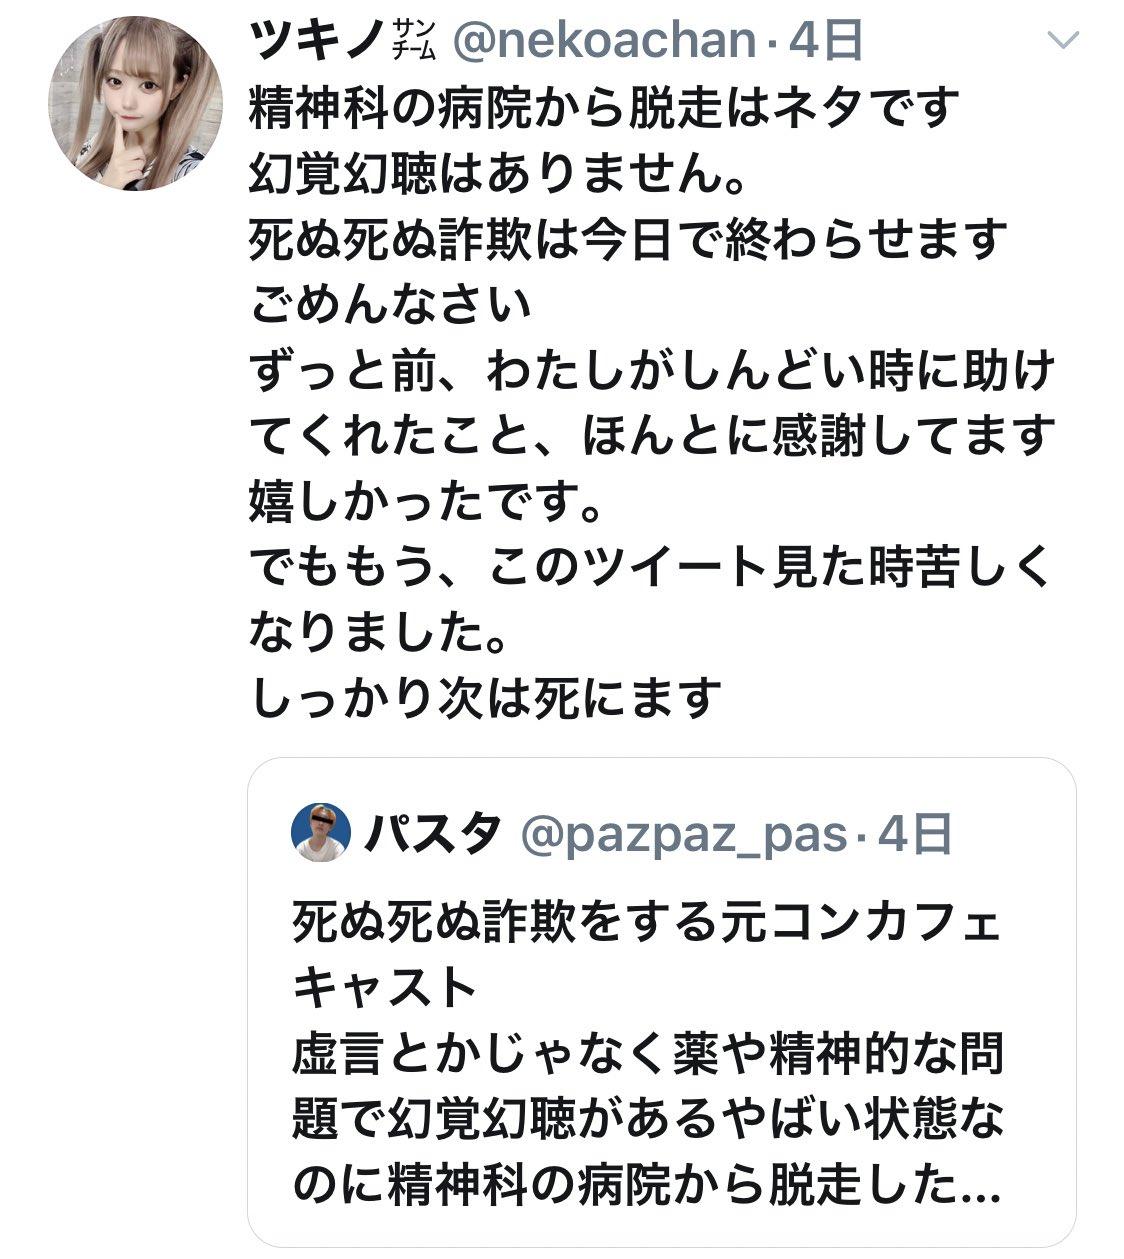 夏 ツキノ ドメ 名古屋・栄の飛び降りはツキノさんか?本人の飛び降り予告と母親名乗る人からのツイートが…